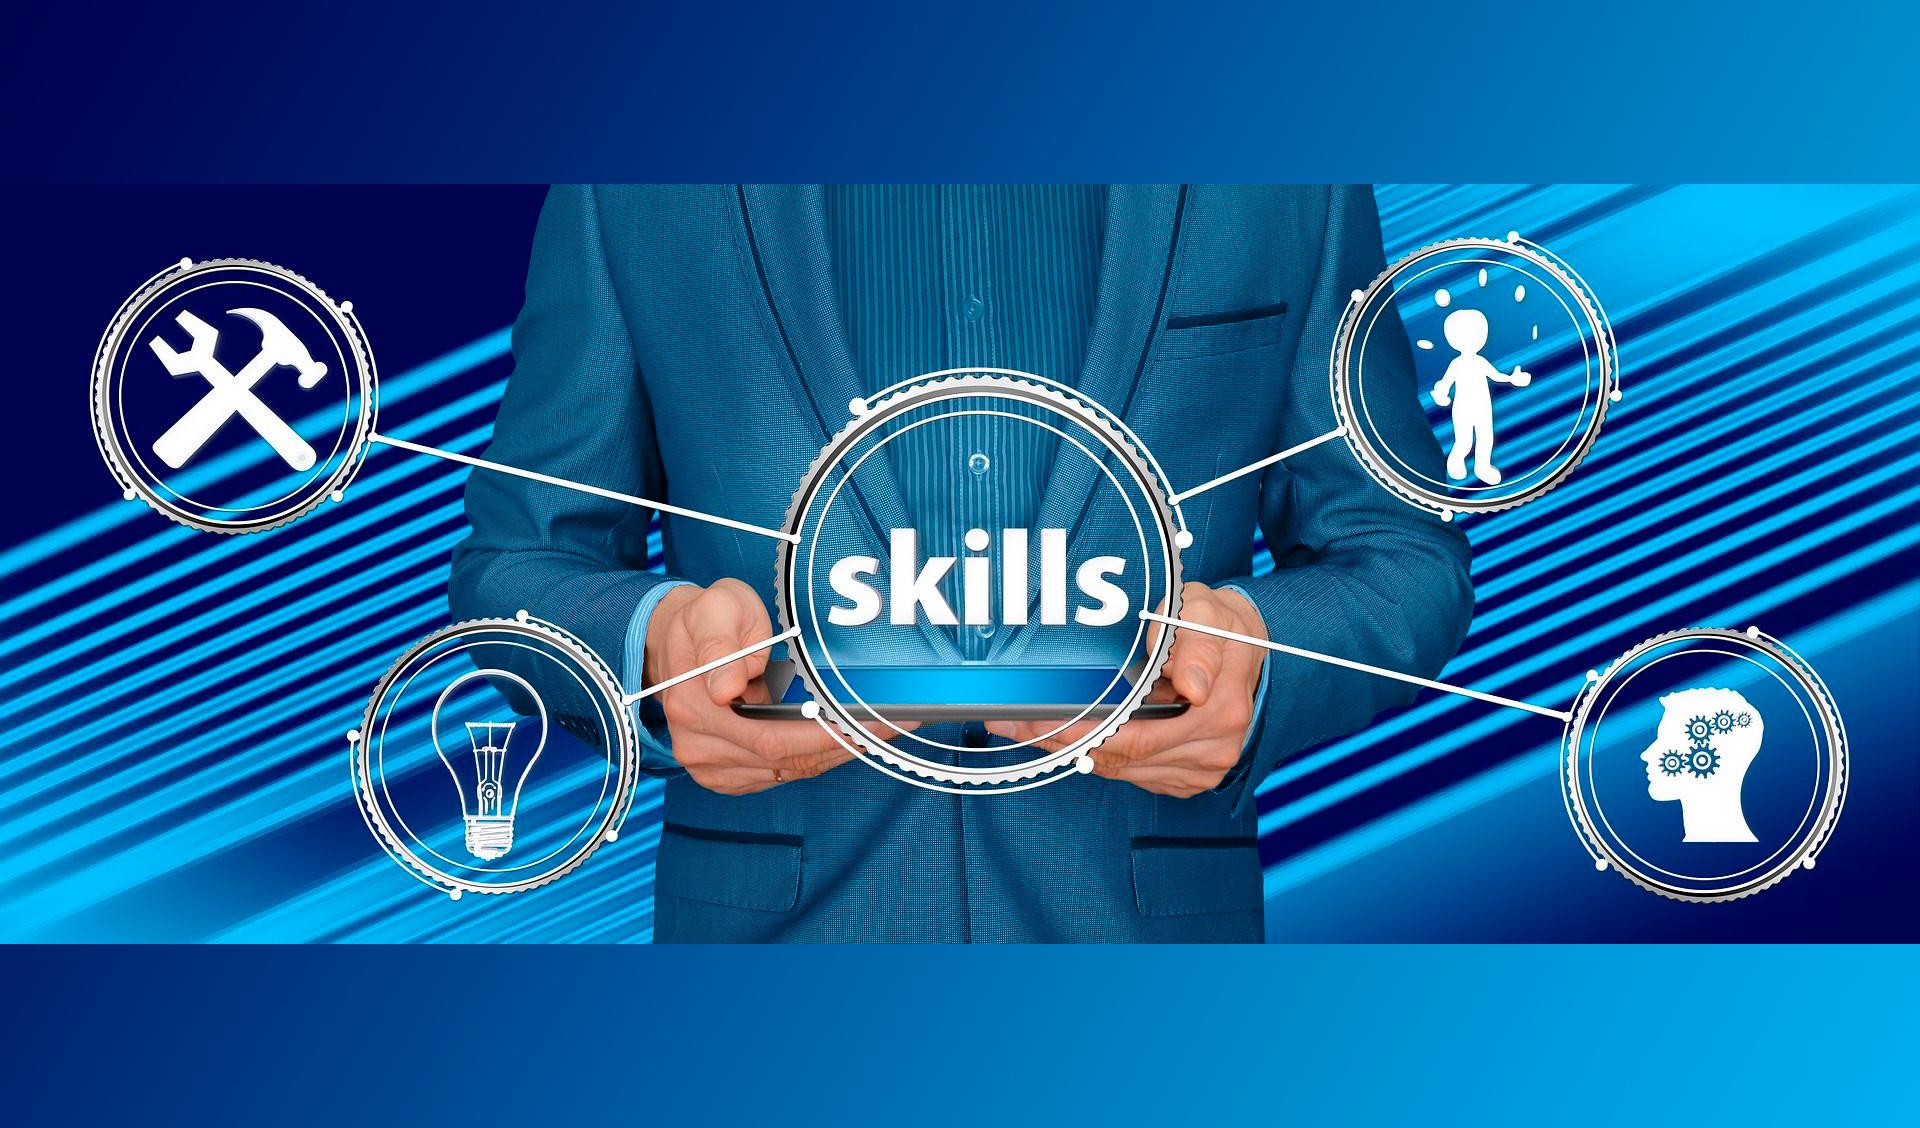 Технические менеджеры после окончания учебы в АГТУ (САФУ) смогут и творить, и внедрять свои изобретения